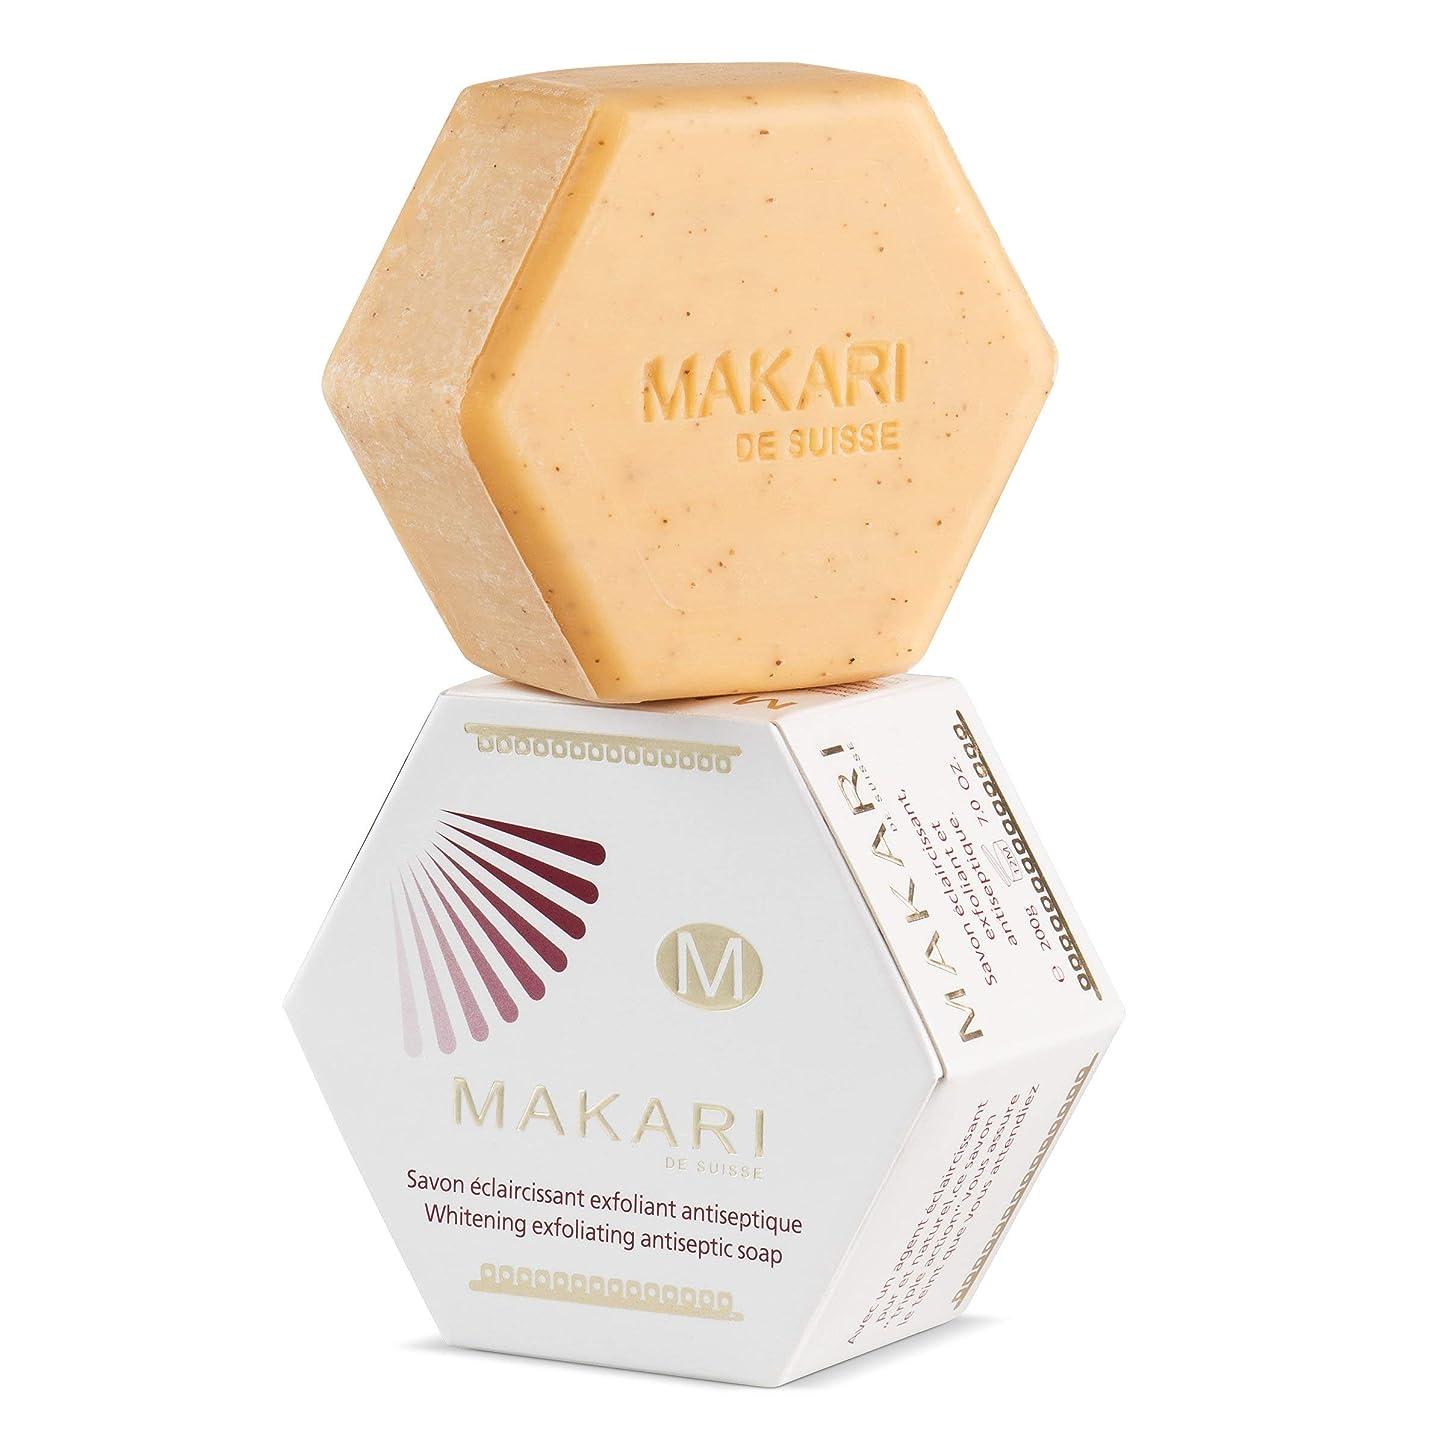 彫る所有権増幅するMAKARI Classic Whitening Exfoliating Antiseptic Soap 7 Oz.– Cleansing & Moisturizing Bar Soap For Face & Body – Brightens Skin & Fades Dark Spots, Acne Scars, Blemishes & Hyperpigmentation